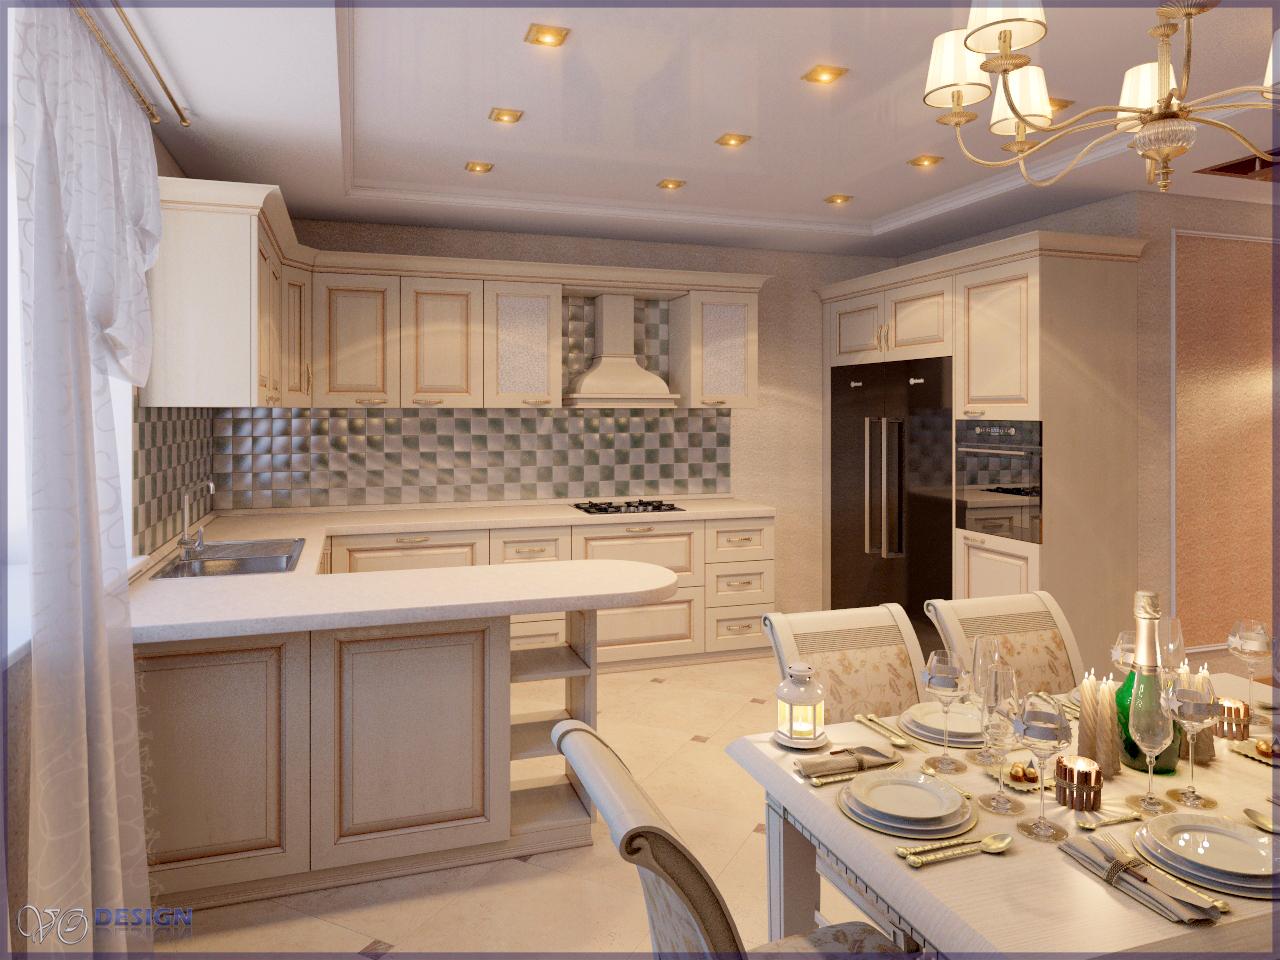 Дизайн кухни в доме 15 кв.м